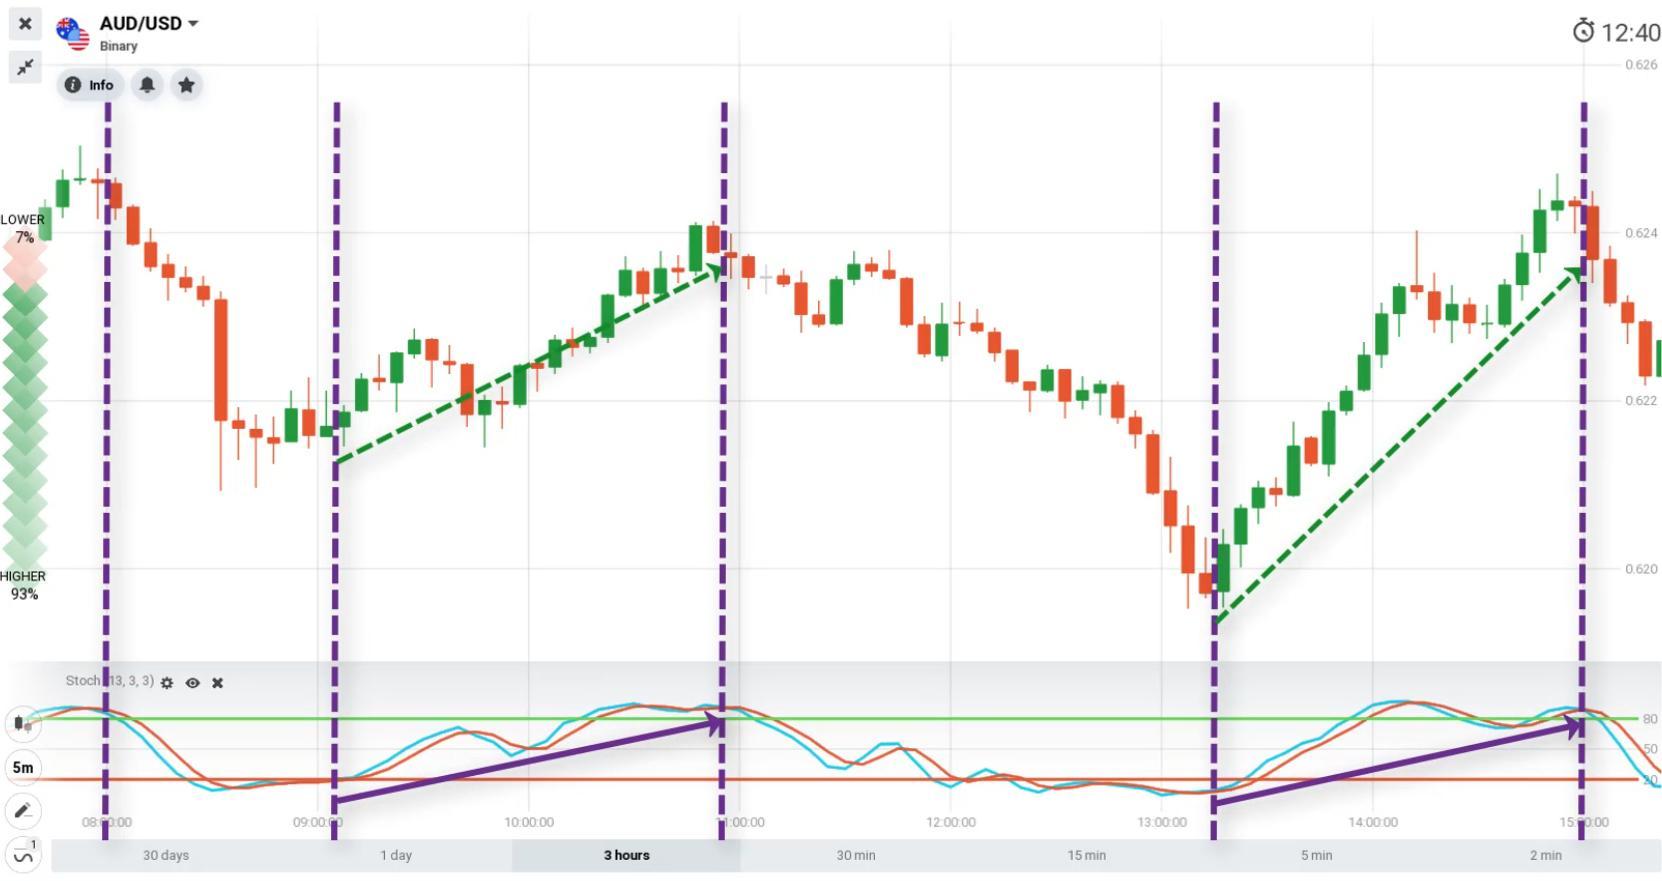 Previsão de tendências de alta de preços com Stochastic Oscillator